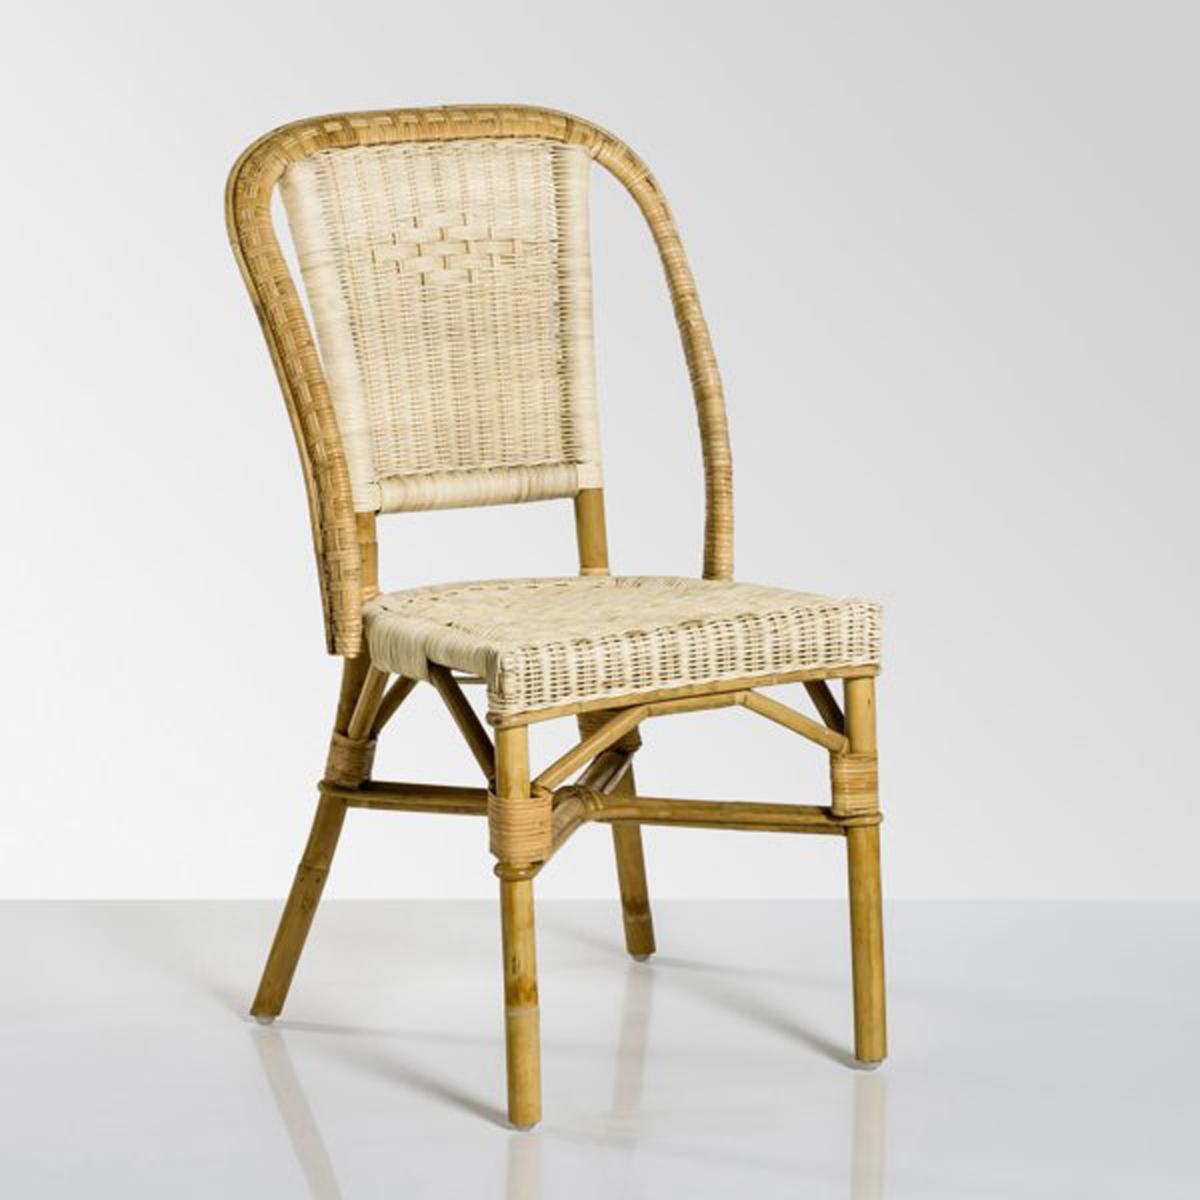 Стул садовый из натурального ротанга, KOK, Albertine стул из ротанга болонья